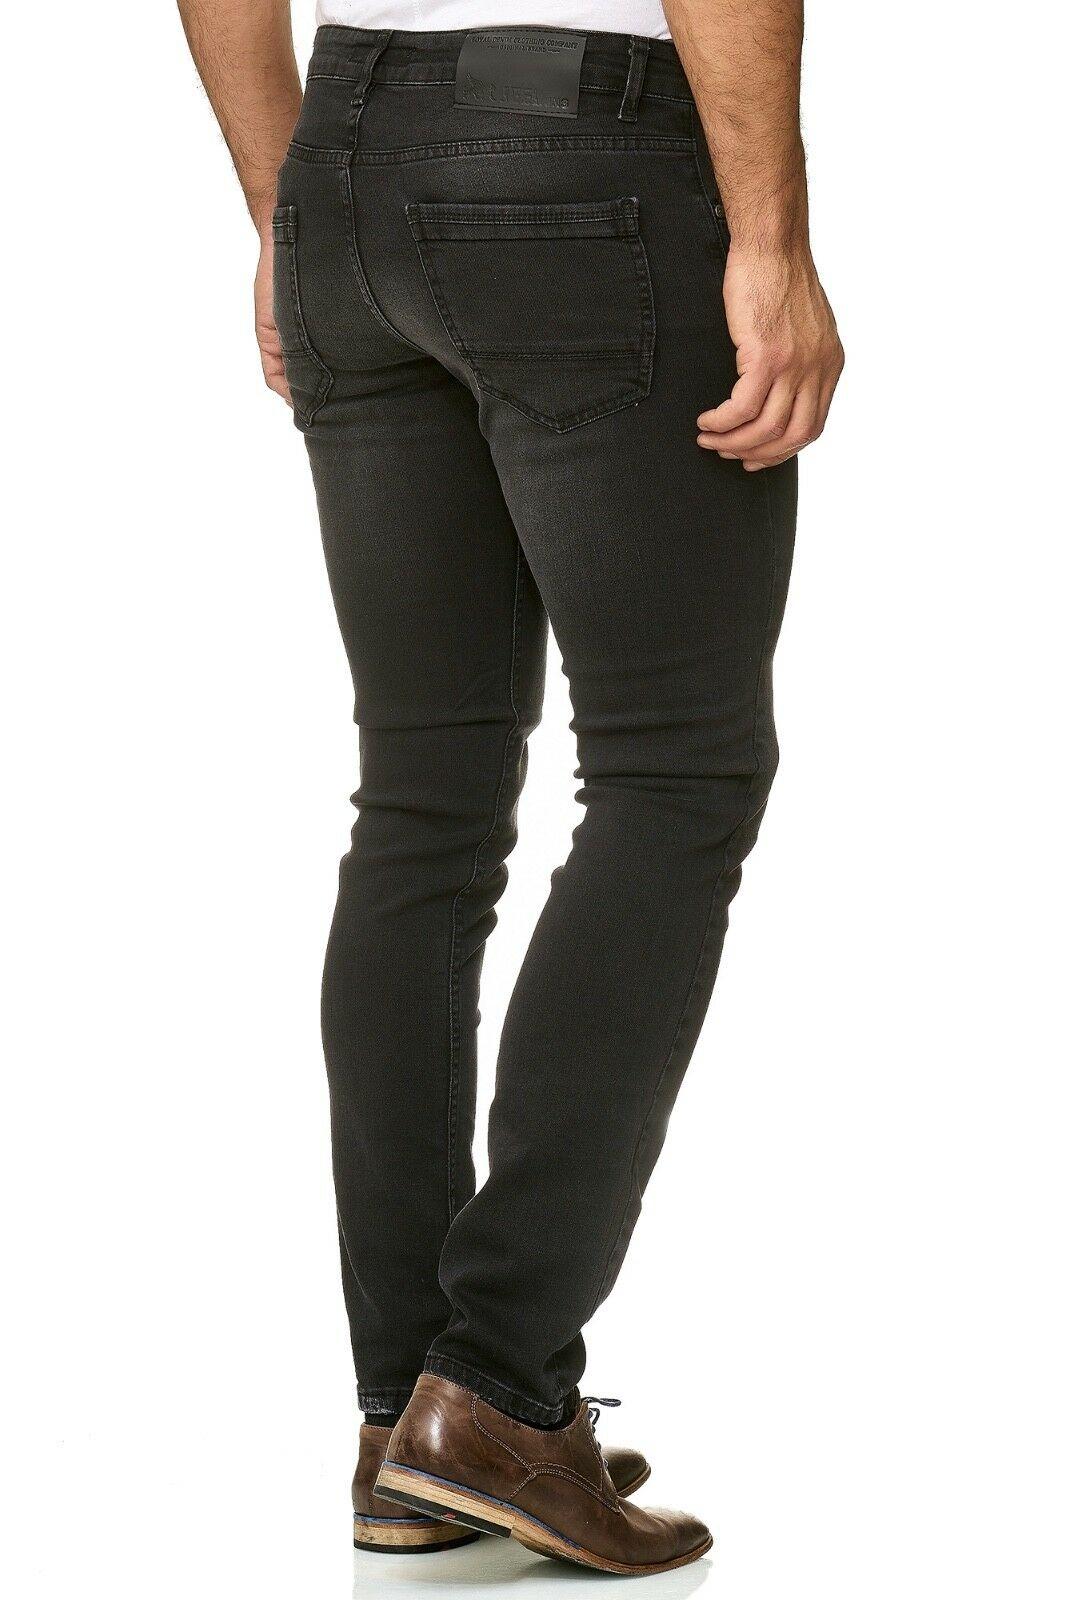 Herren-Jeanshosen-Stretch-Hose-Slim-fit-SKINNY-Jeans-Blau-Schwarz-Grau-Weiss Indexbild 51